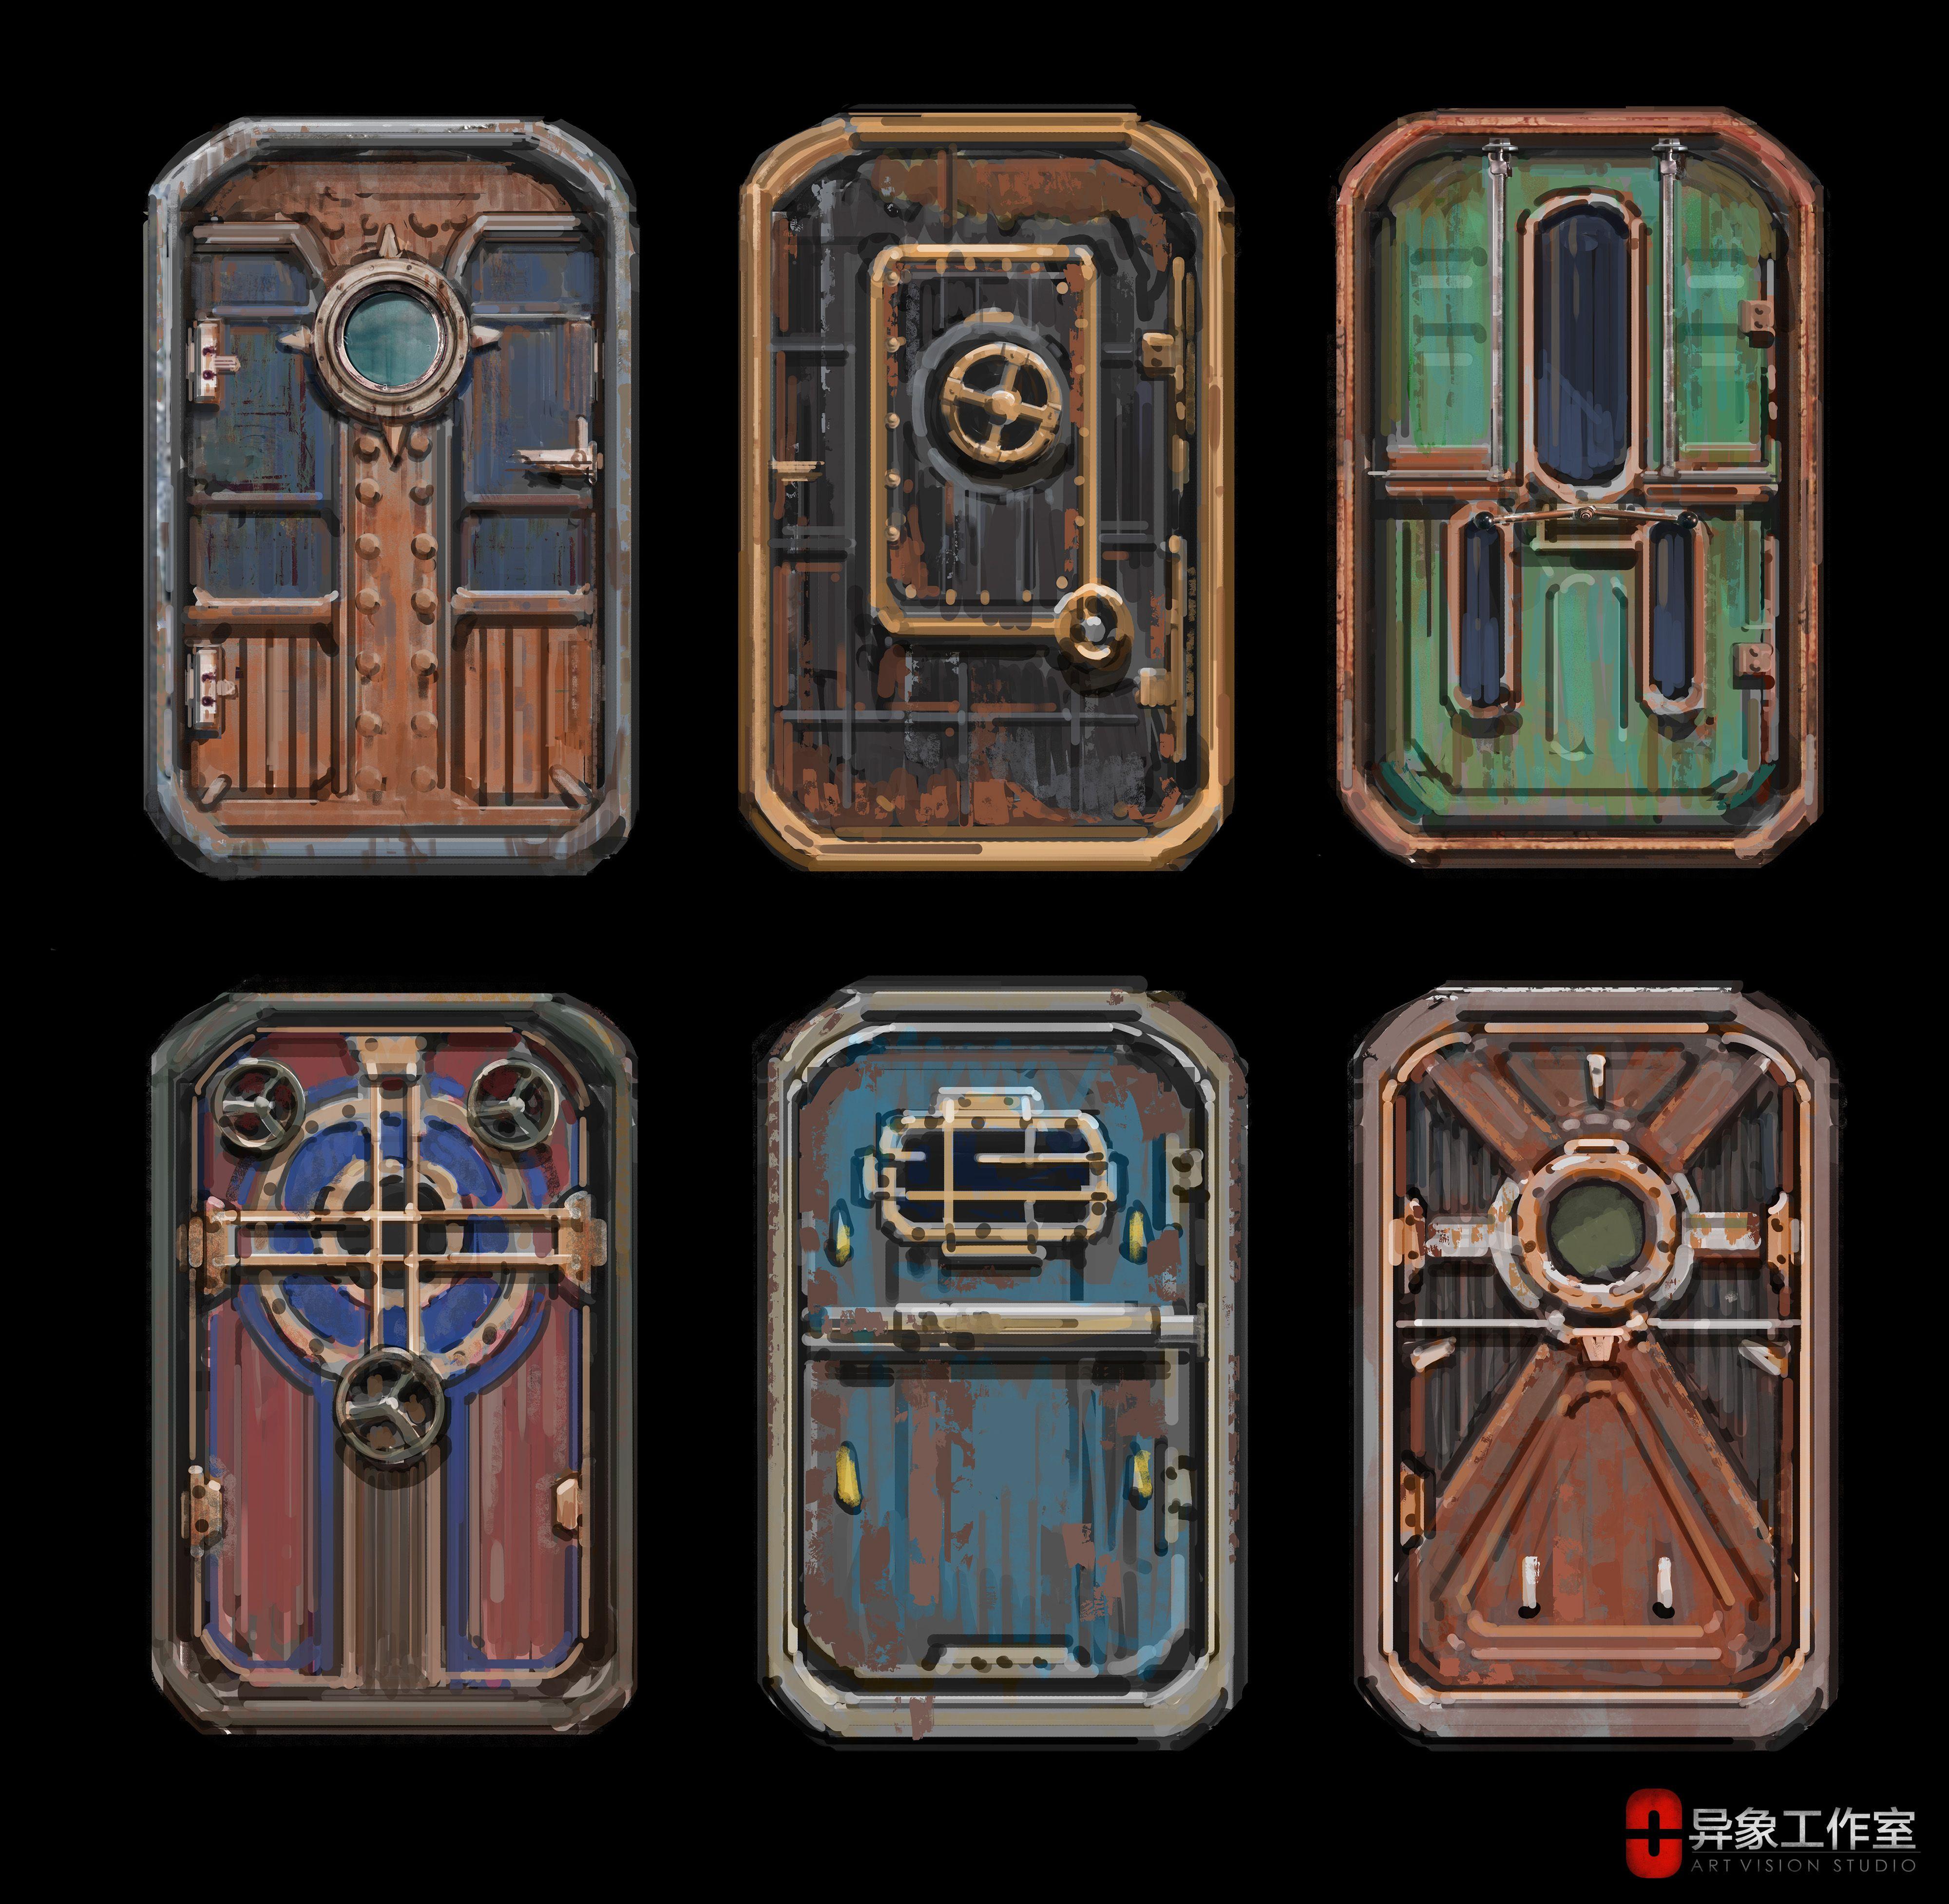 Pin von Proncey Neise auf Concept | Pinterest